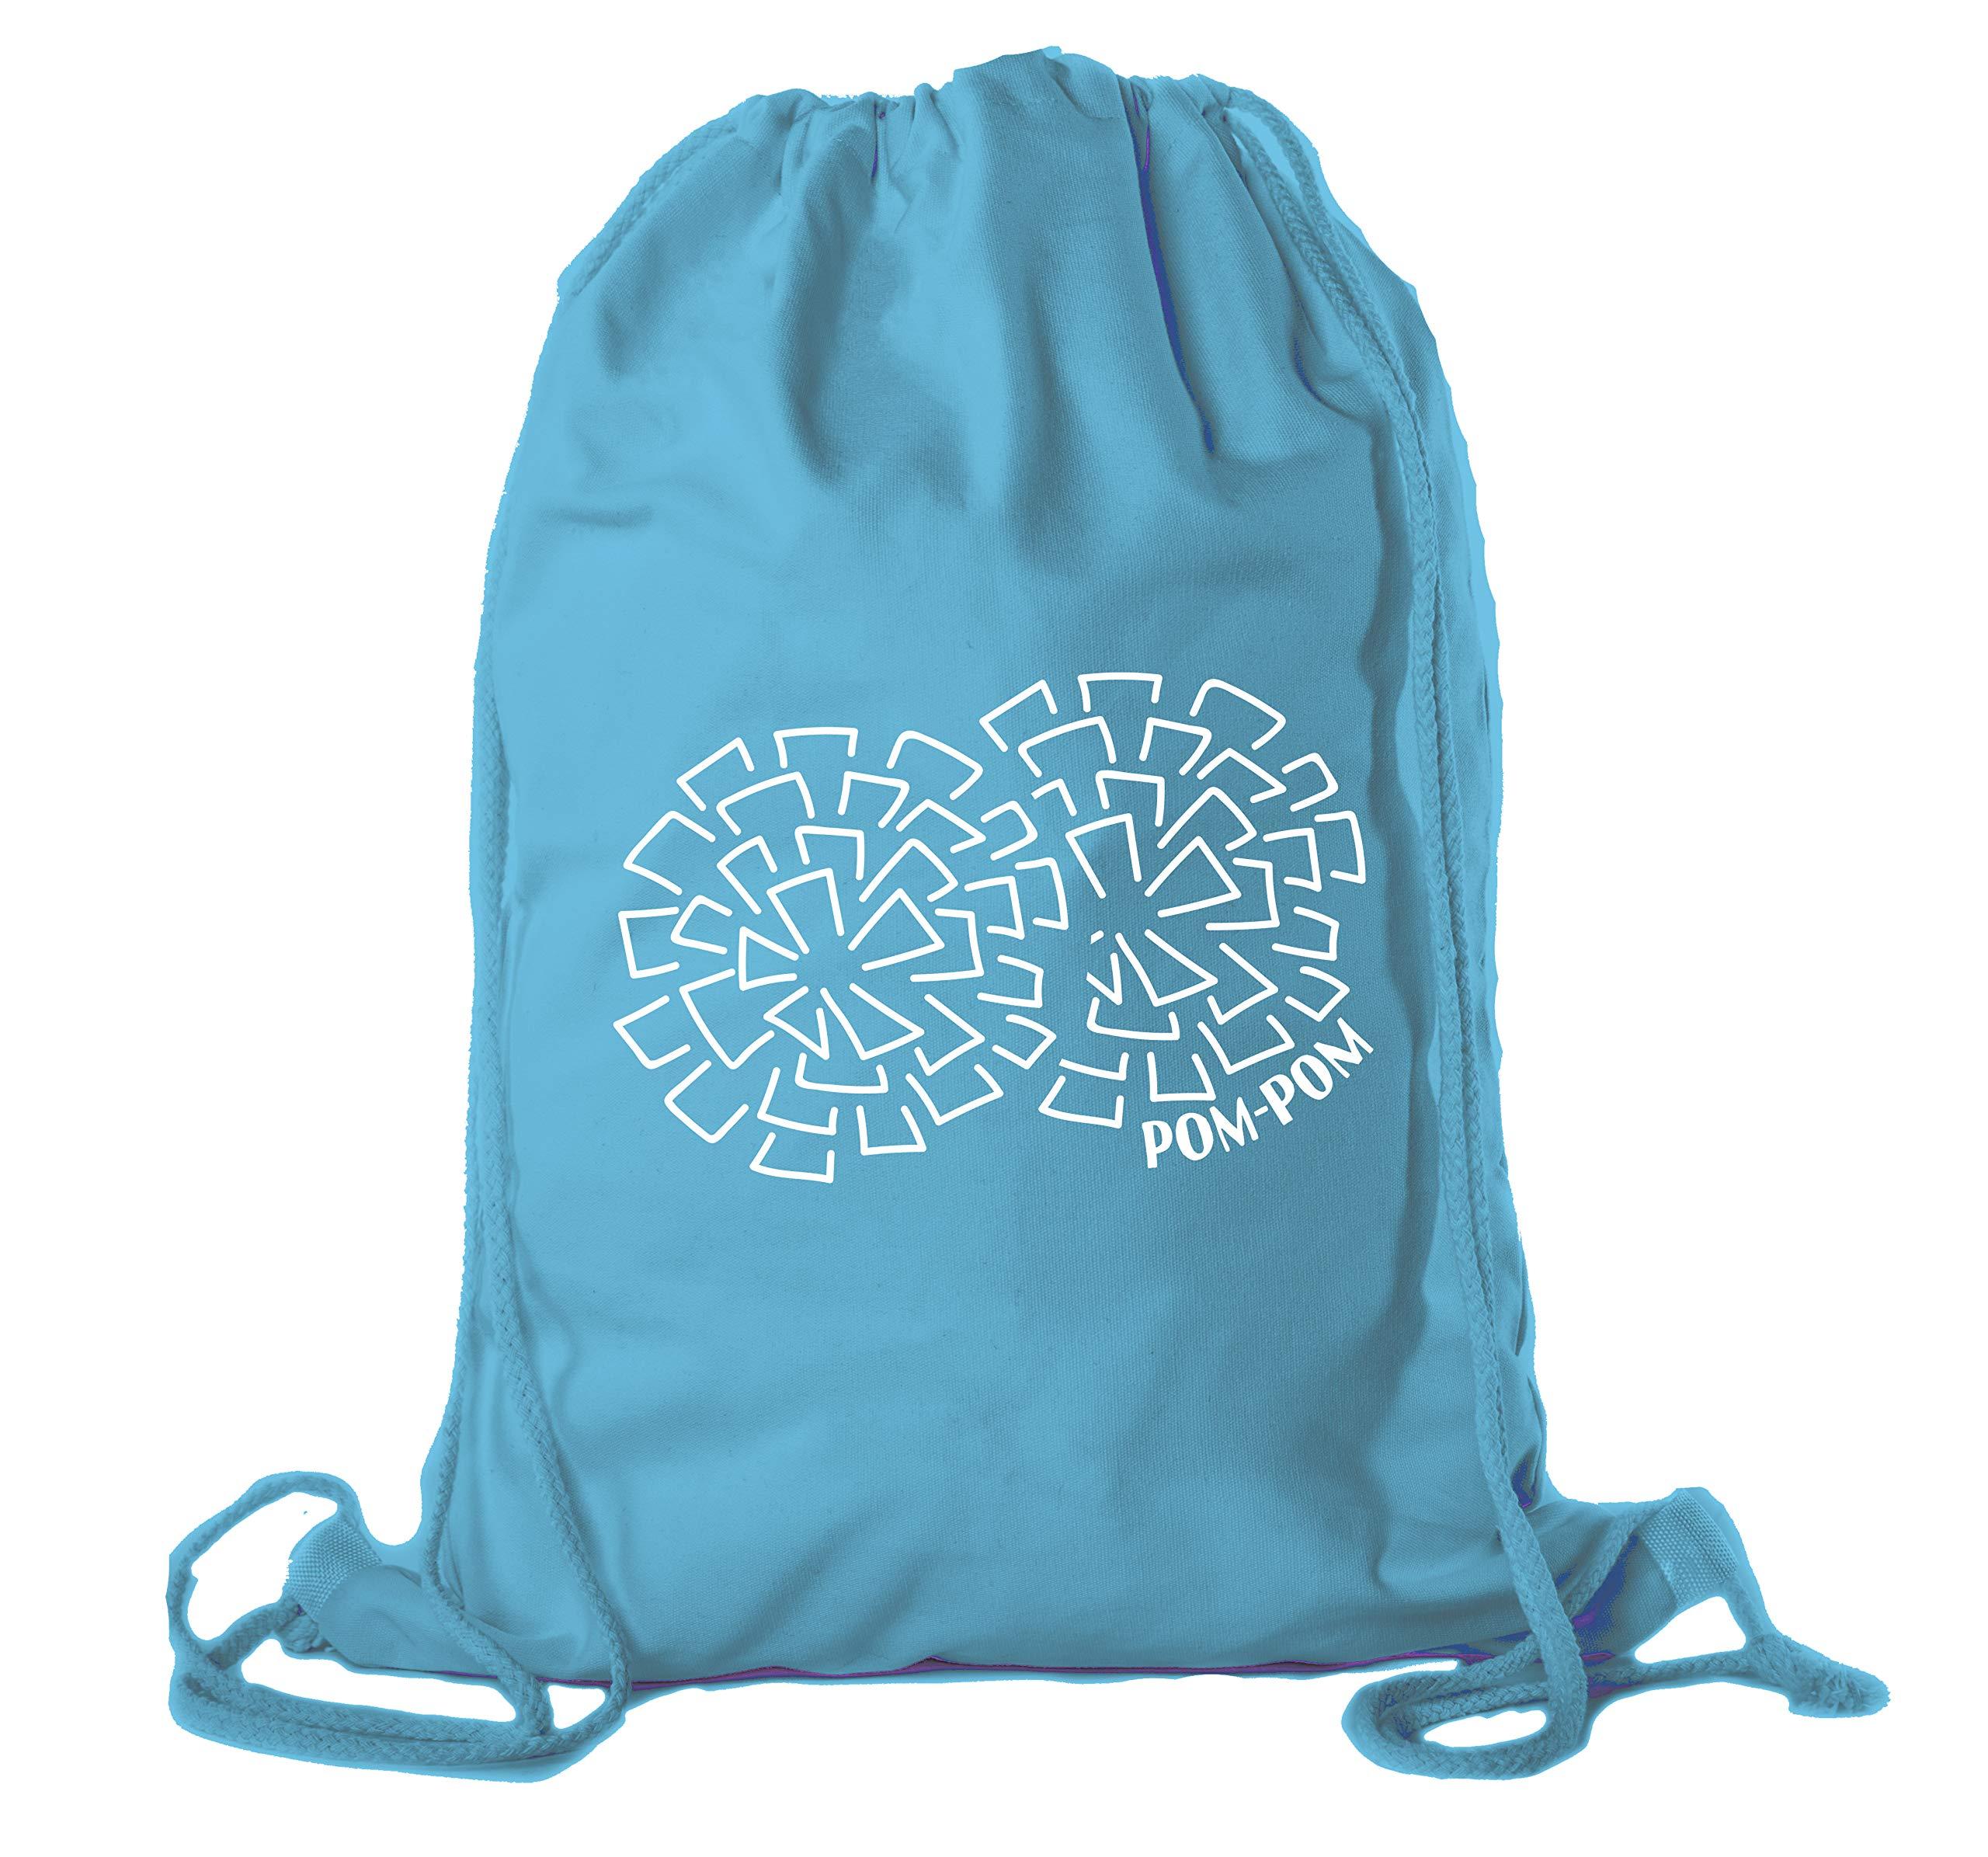 Cheerleading Backpacks, Cheer and Pom Drawstring Bags, Cheerleader Team Cinch Bags